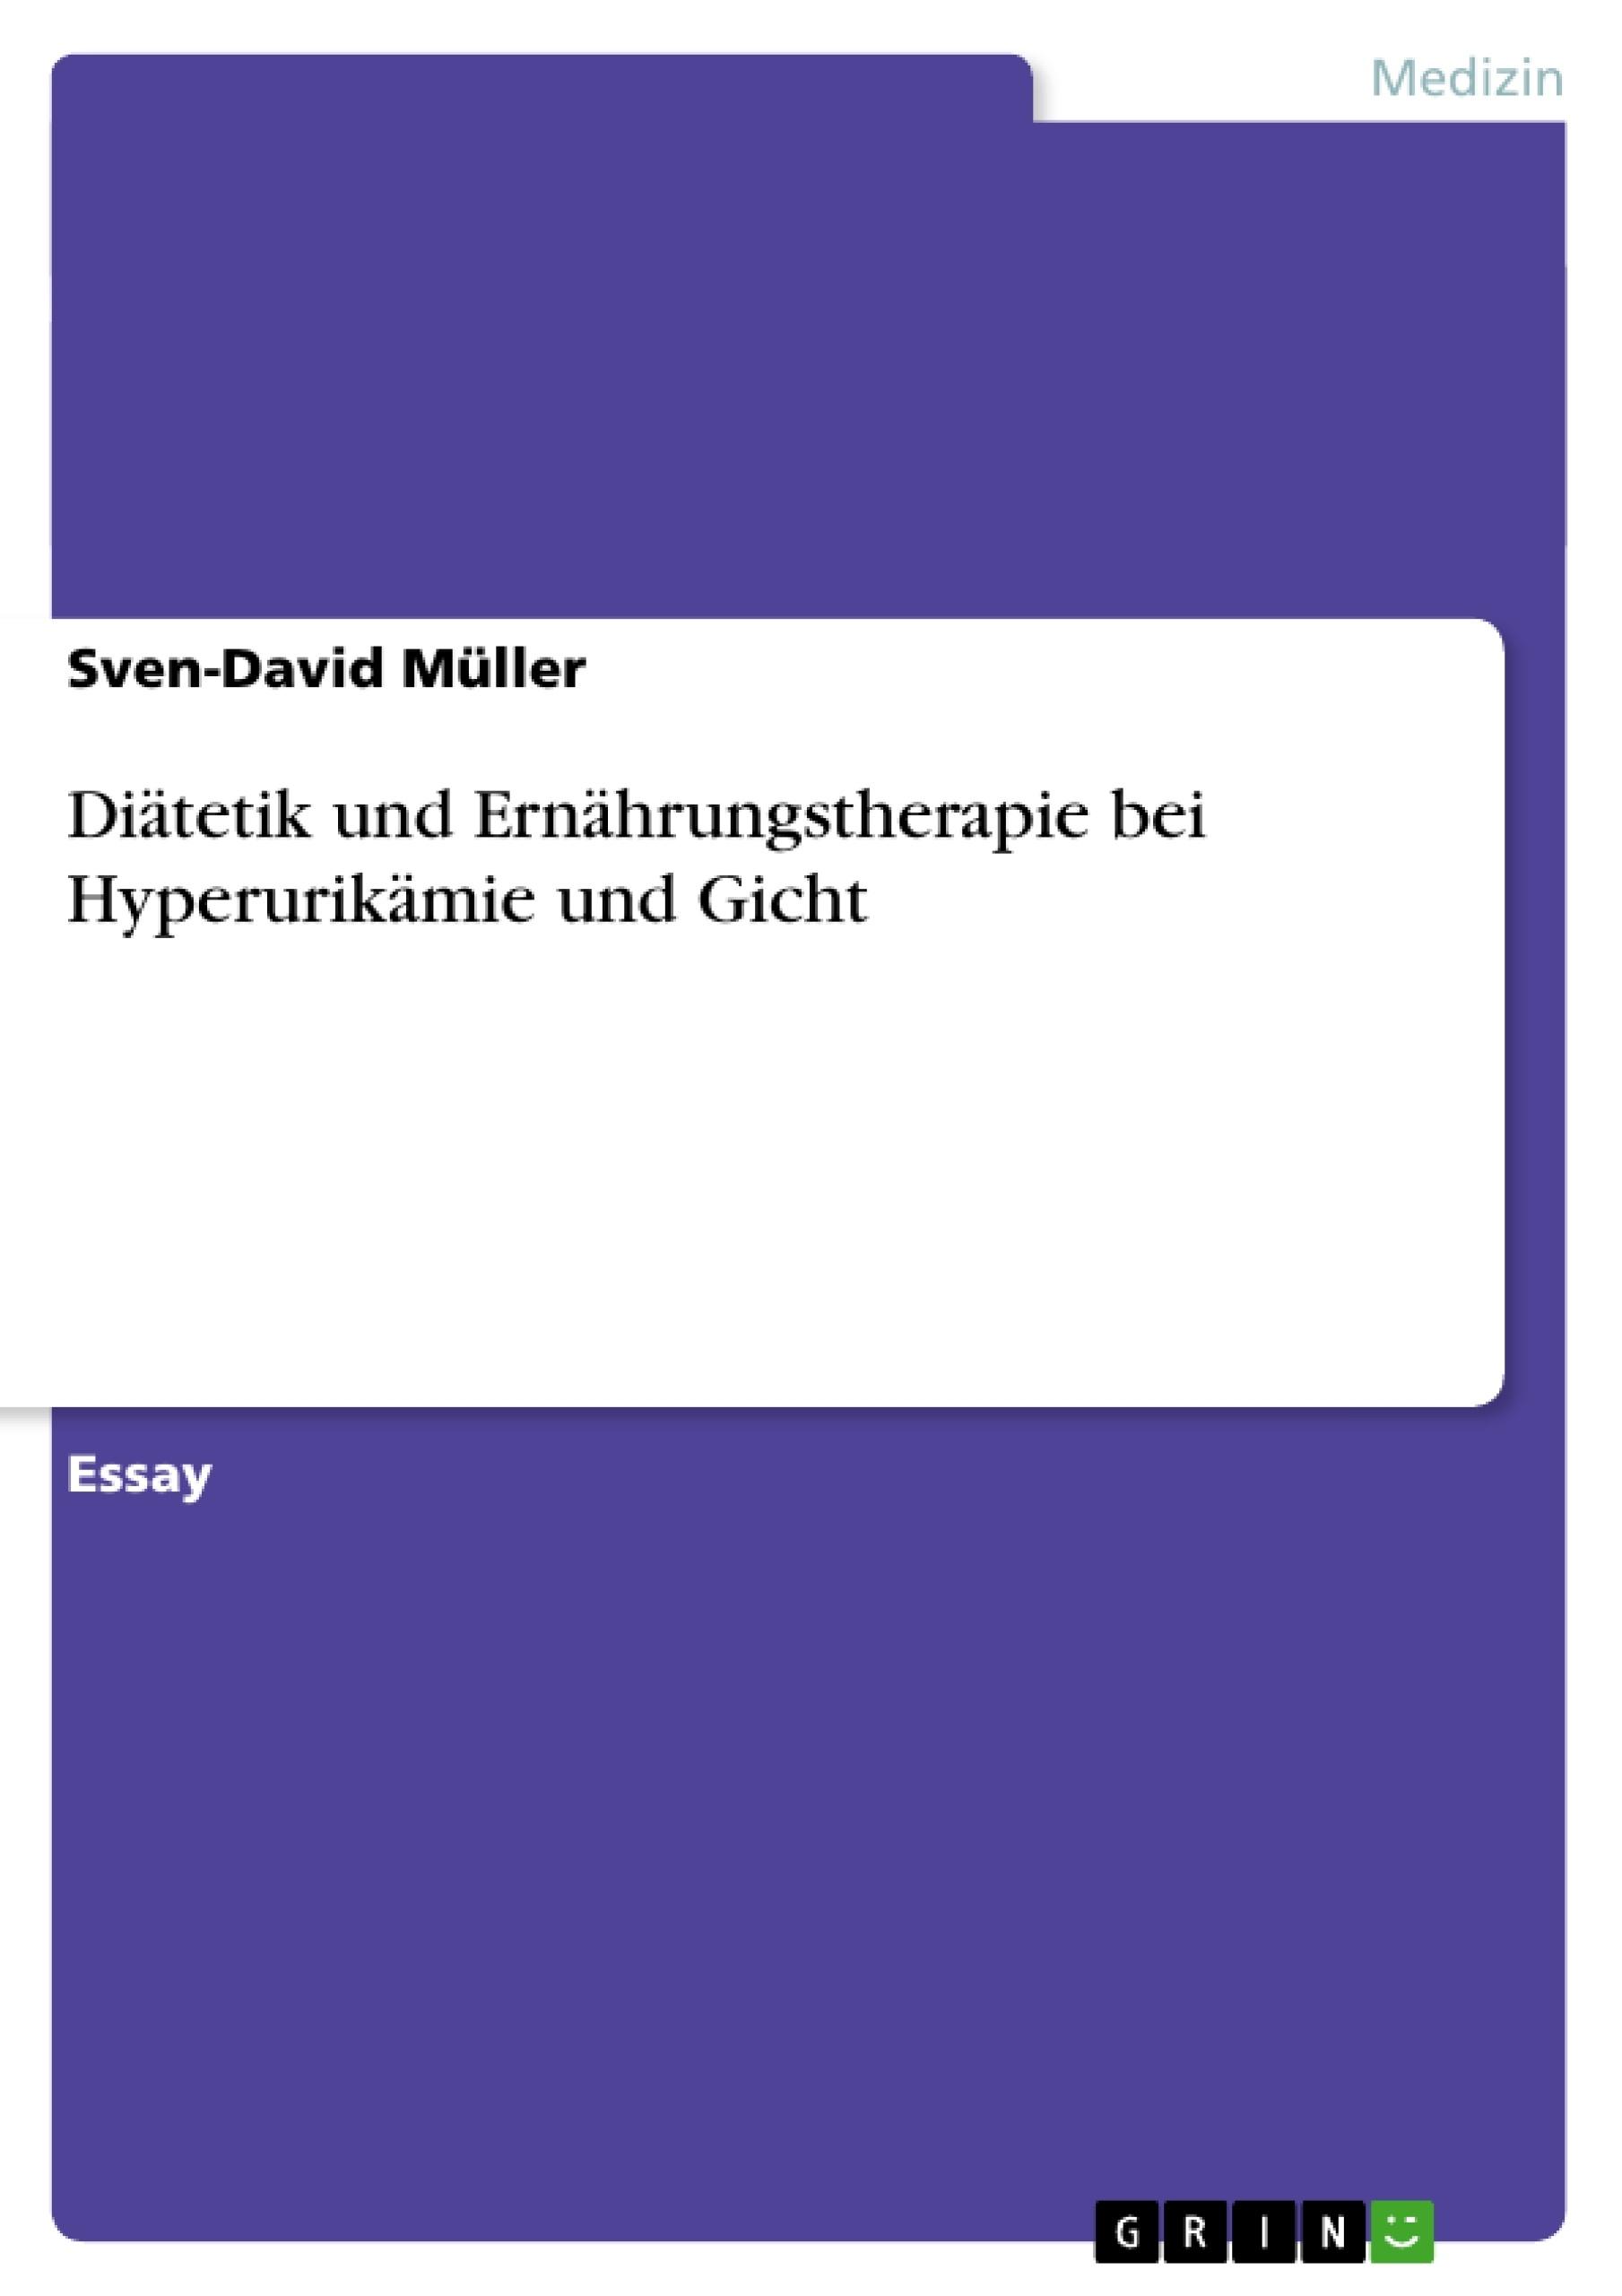 Titel: Diätetik und Ernährungstherapie bei Hyperurikämie und Gicht